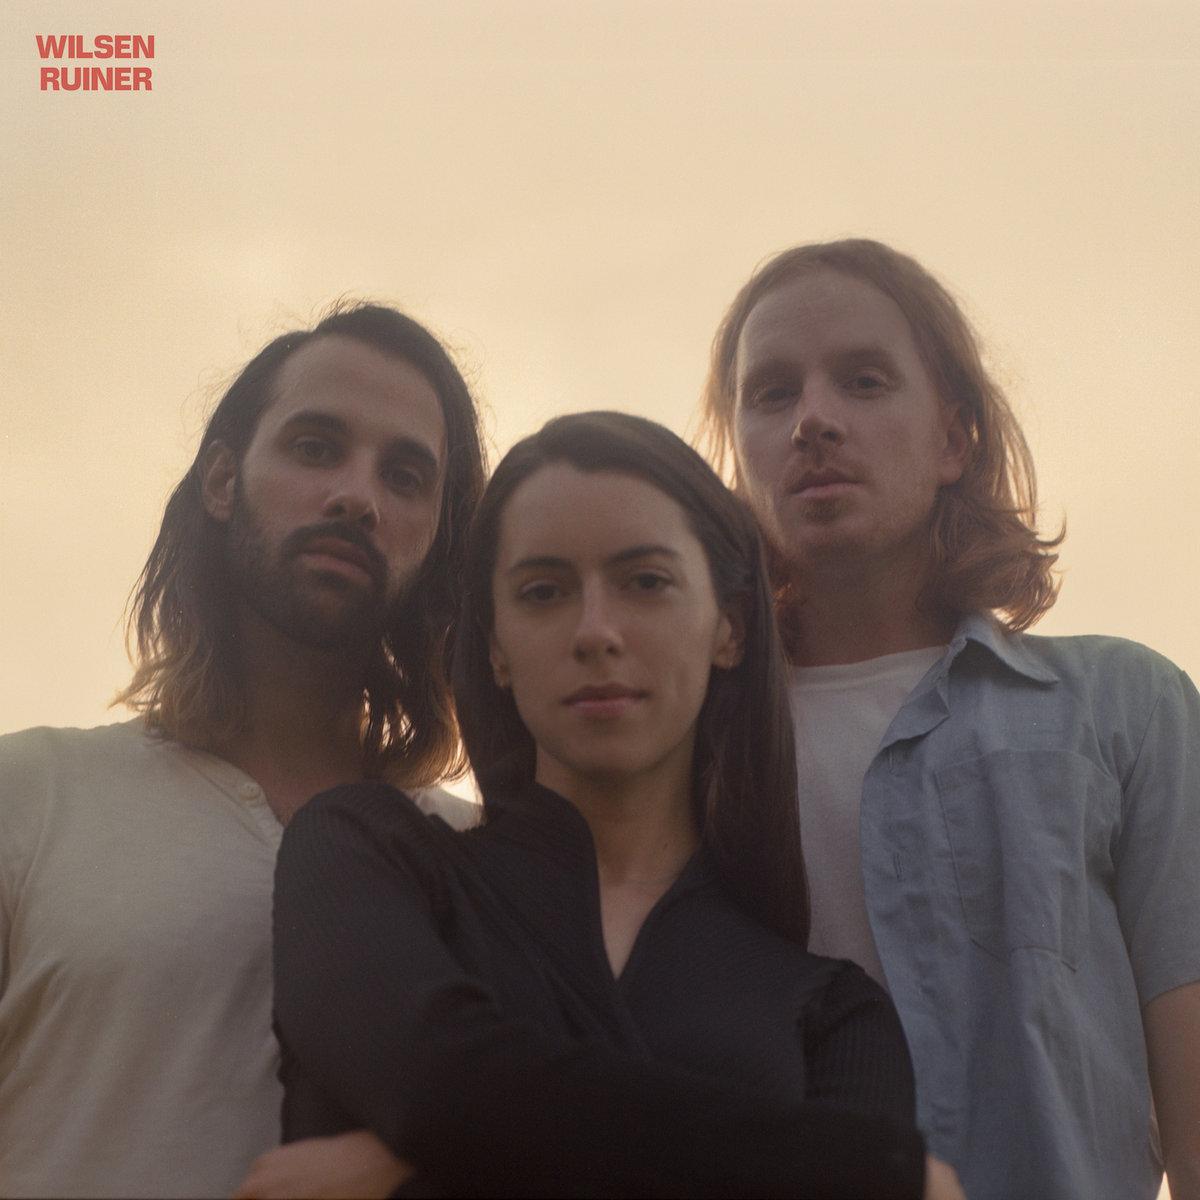 Wilsen - Ruiner (LP)